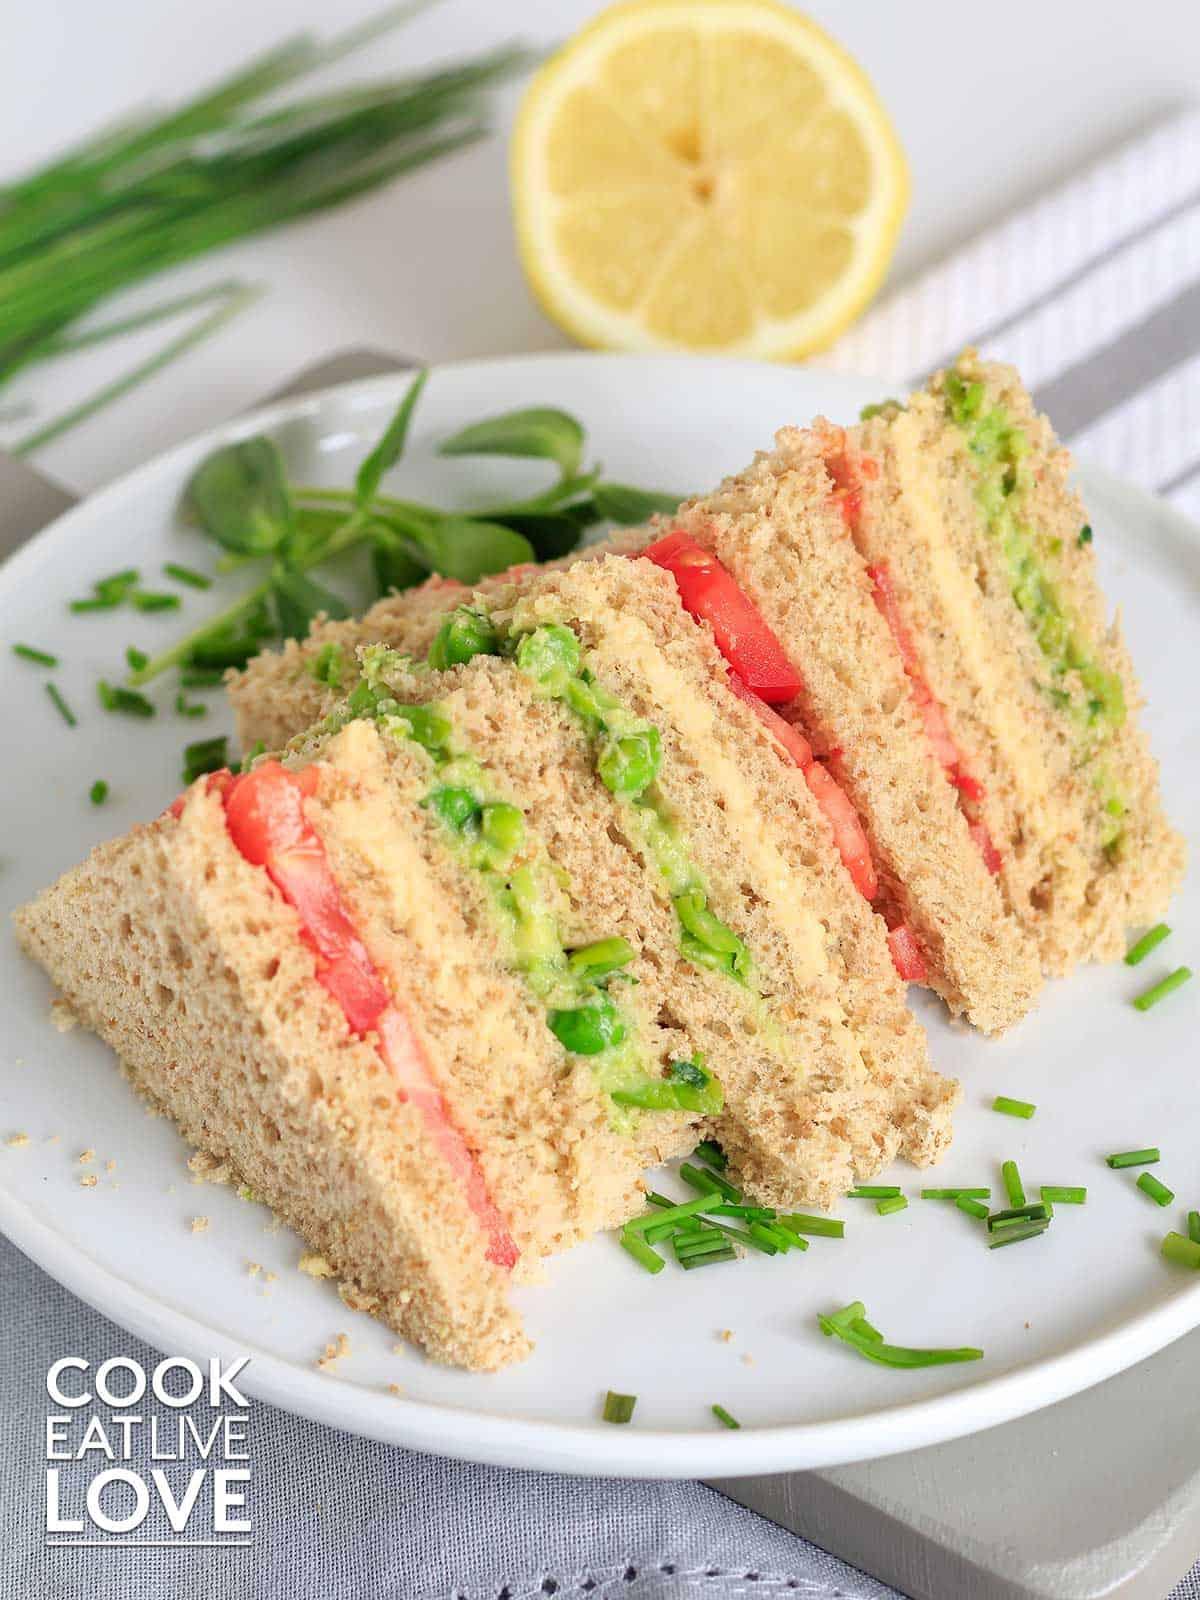 Vegan triple decker sandwich on a plate cut into triangles